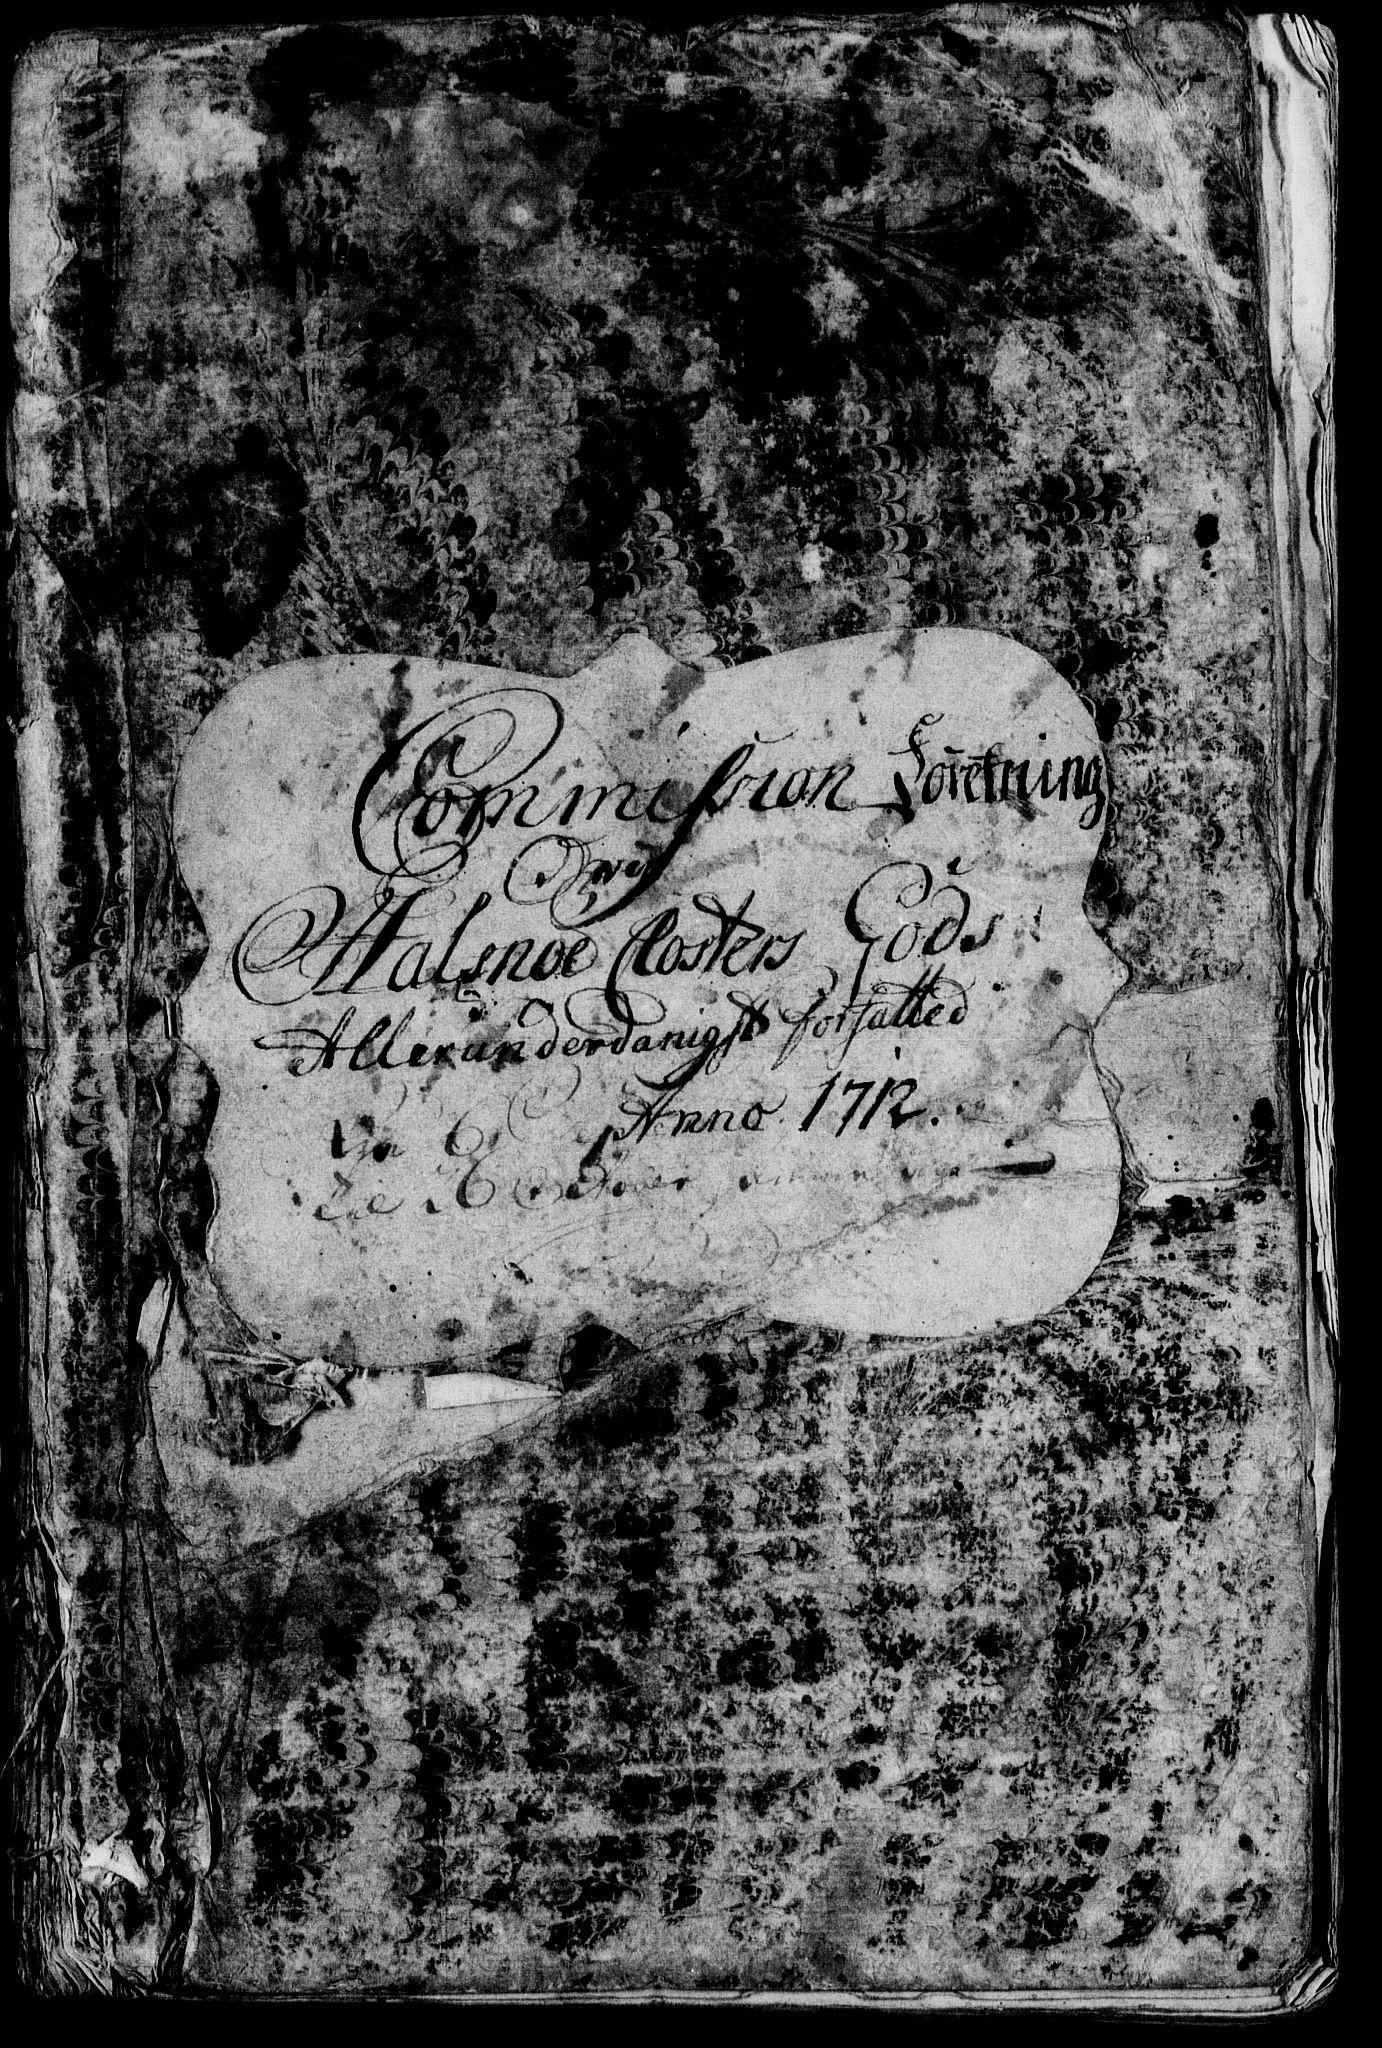 RA, Rentekammeret inntil 1814, Realistisk ordnet avdeling, On/L0003: [Jj 4]: Kommisjonsforretning over Vilhelm Hanssøns forpaktning av Halsnøy klosters gods, 1712-1722, s. upaginert